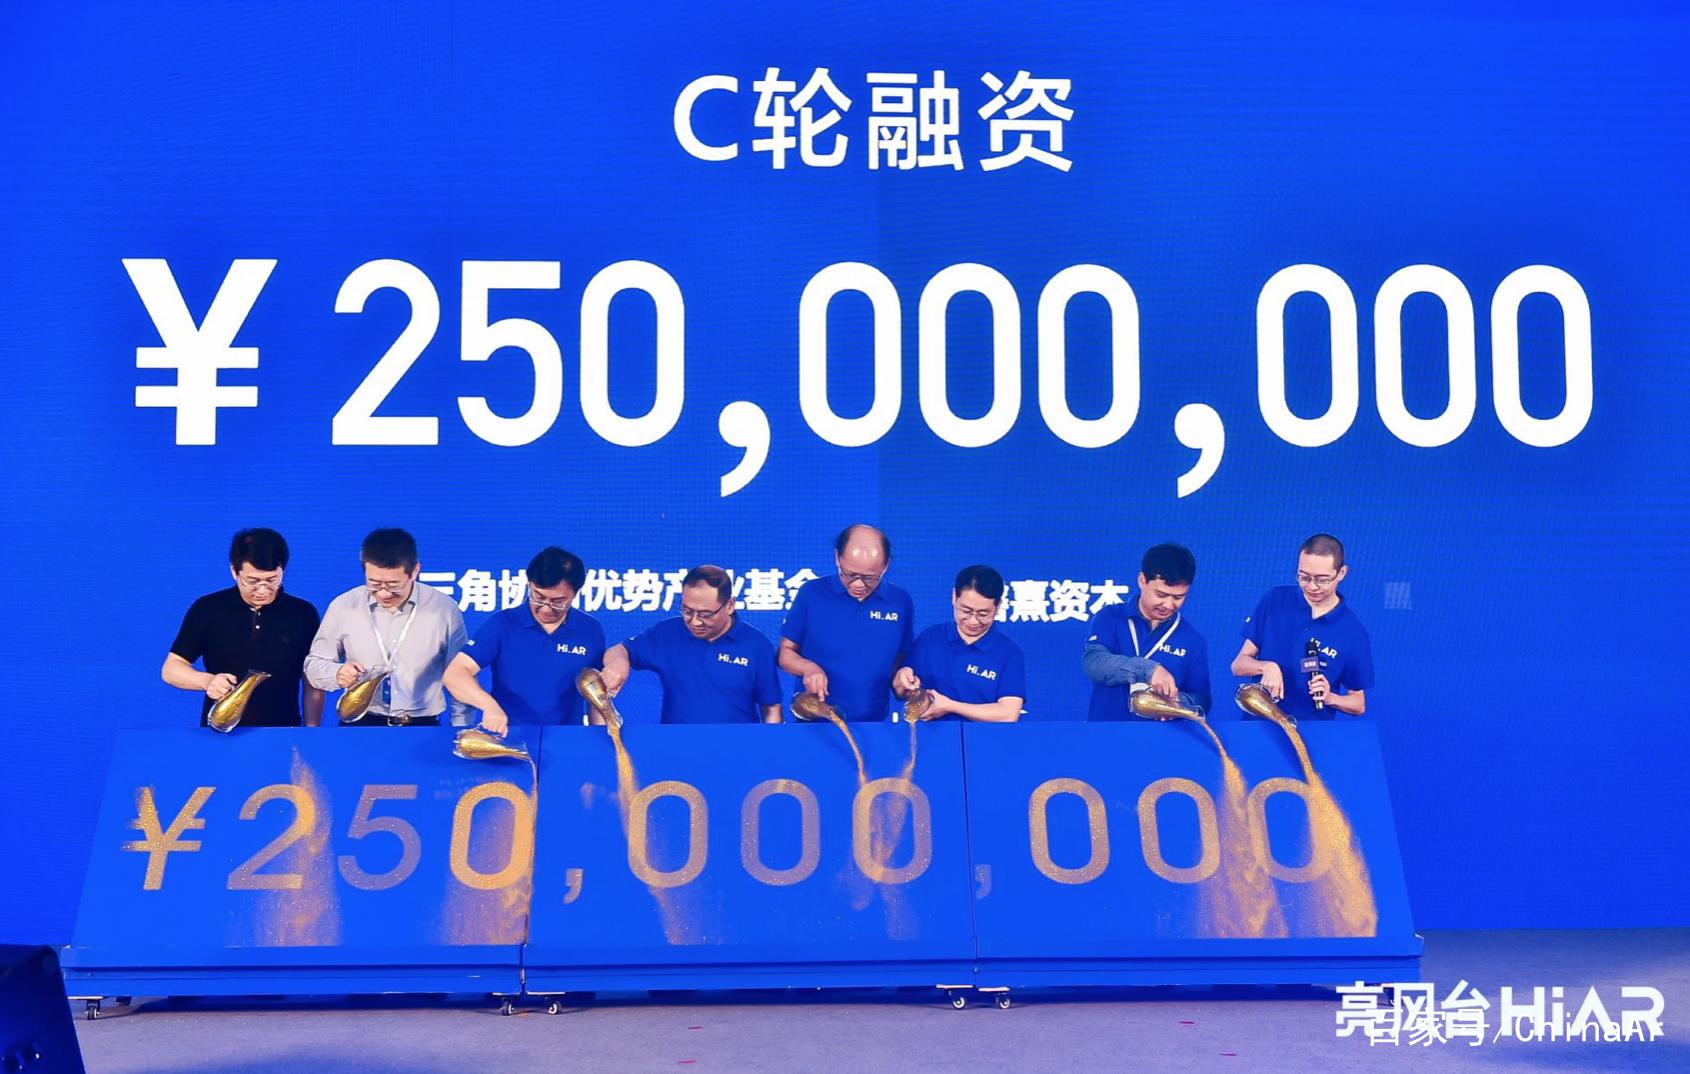 亮风台宣布获得2.5亿元C轮融资,AR平台赋能商业化提速